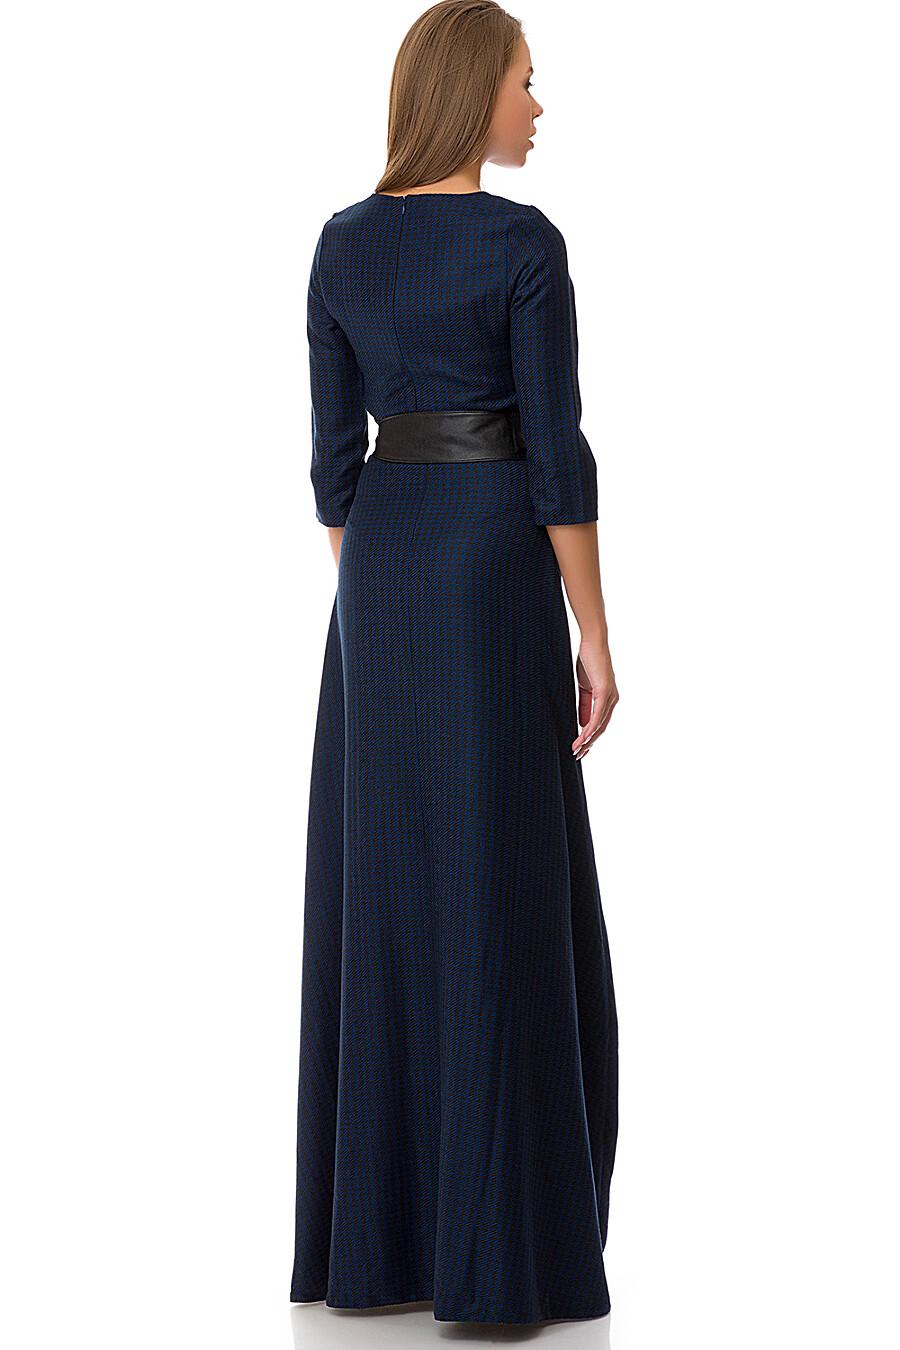 Платье #70691